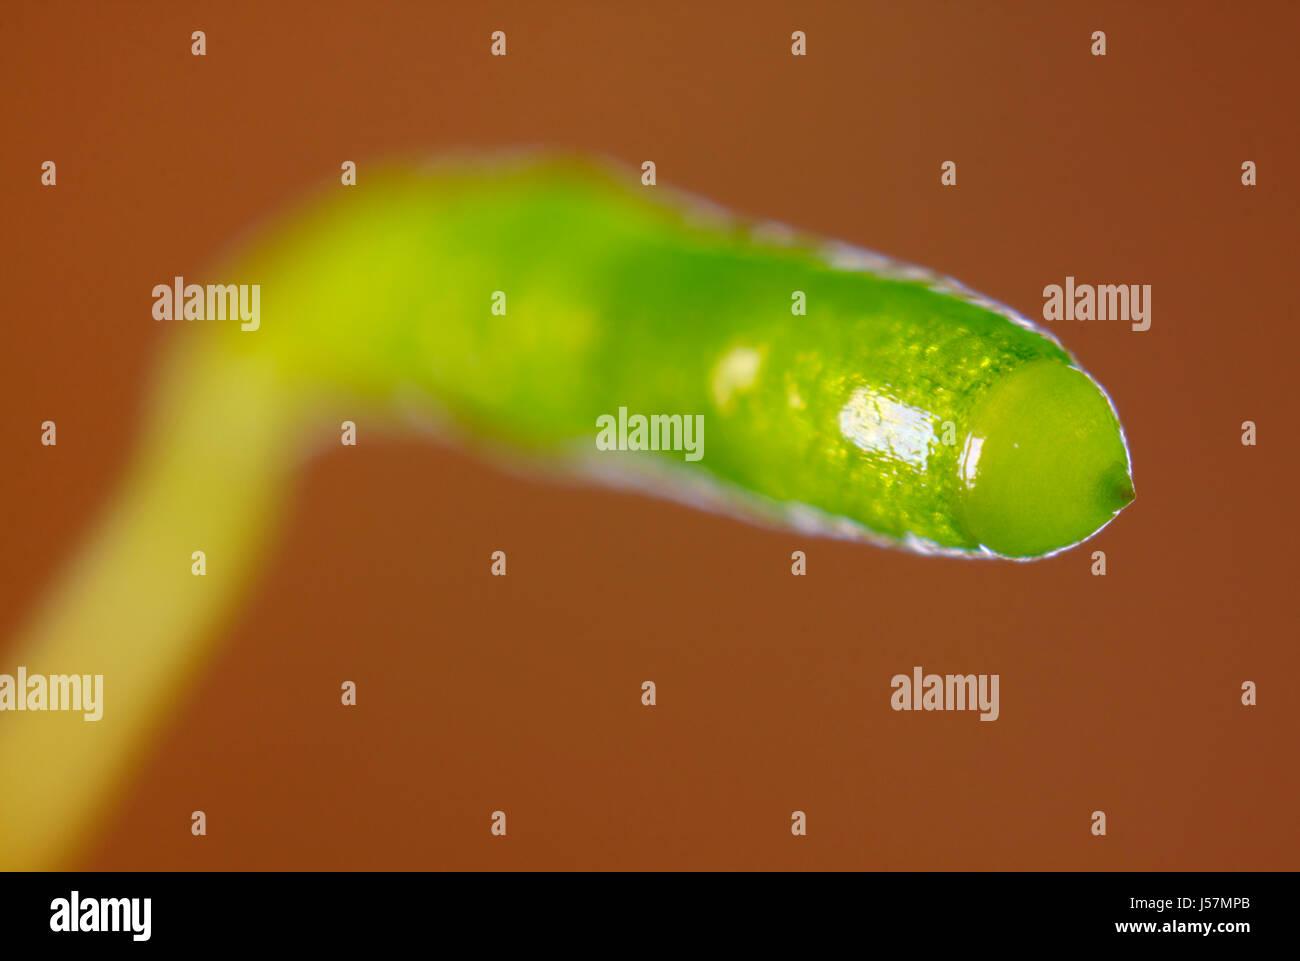 Verde muschio immaturi sporangium (sporofito) close-up su sfondo marrone Immagini Stock